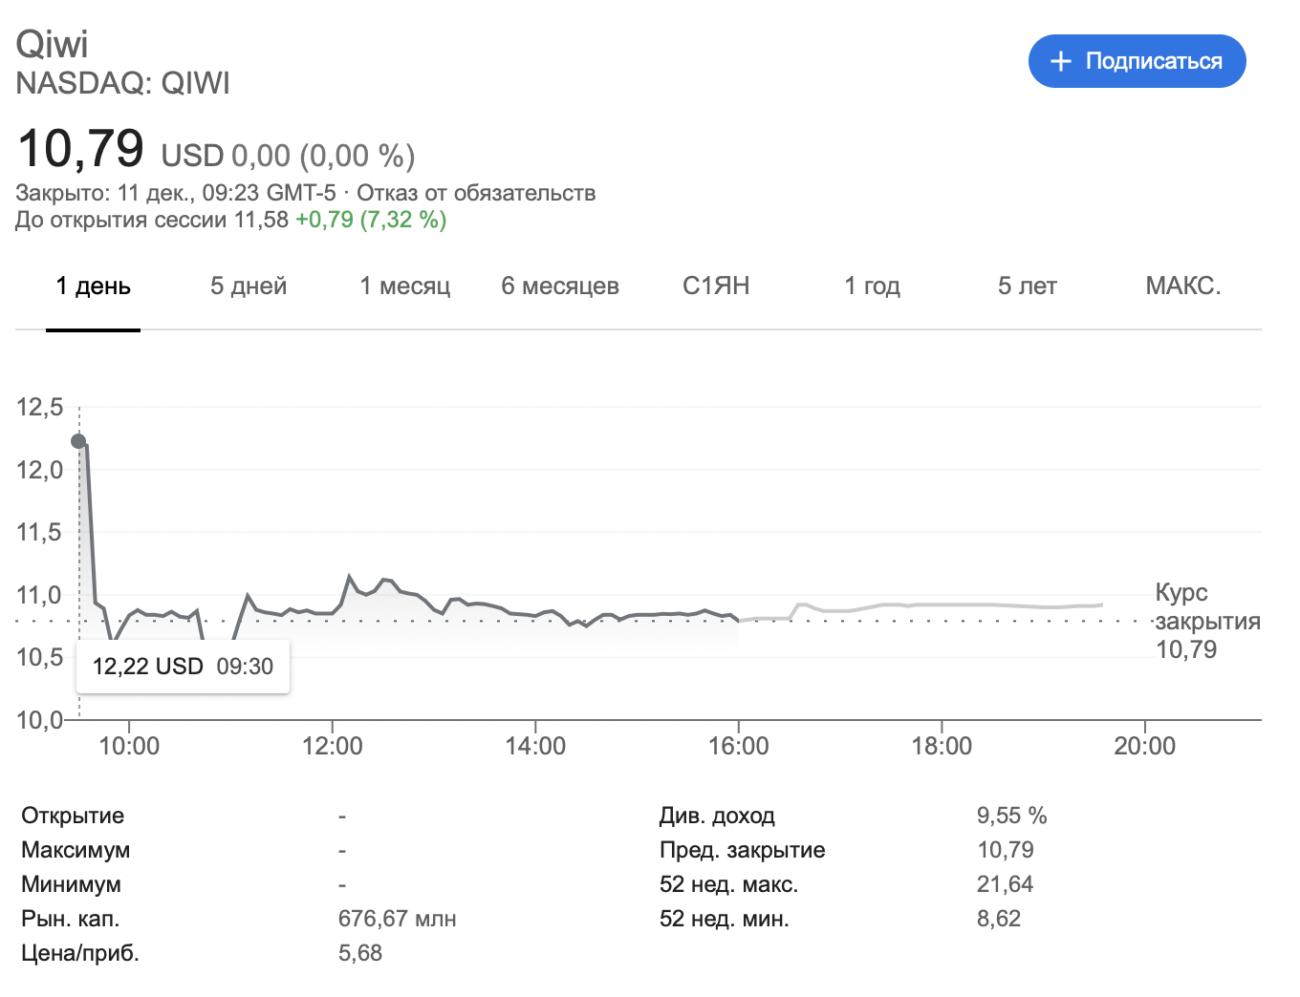 Юрфирмы начали готовить коллективные иски к Qiwi из-за падения акций компании после претензий ЦБ